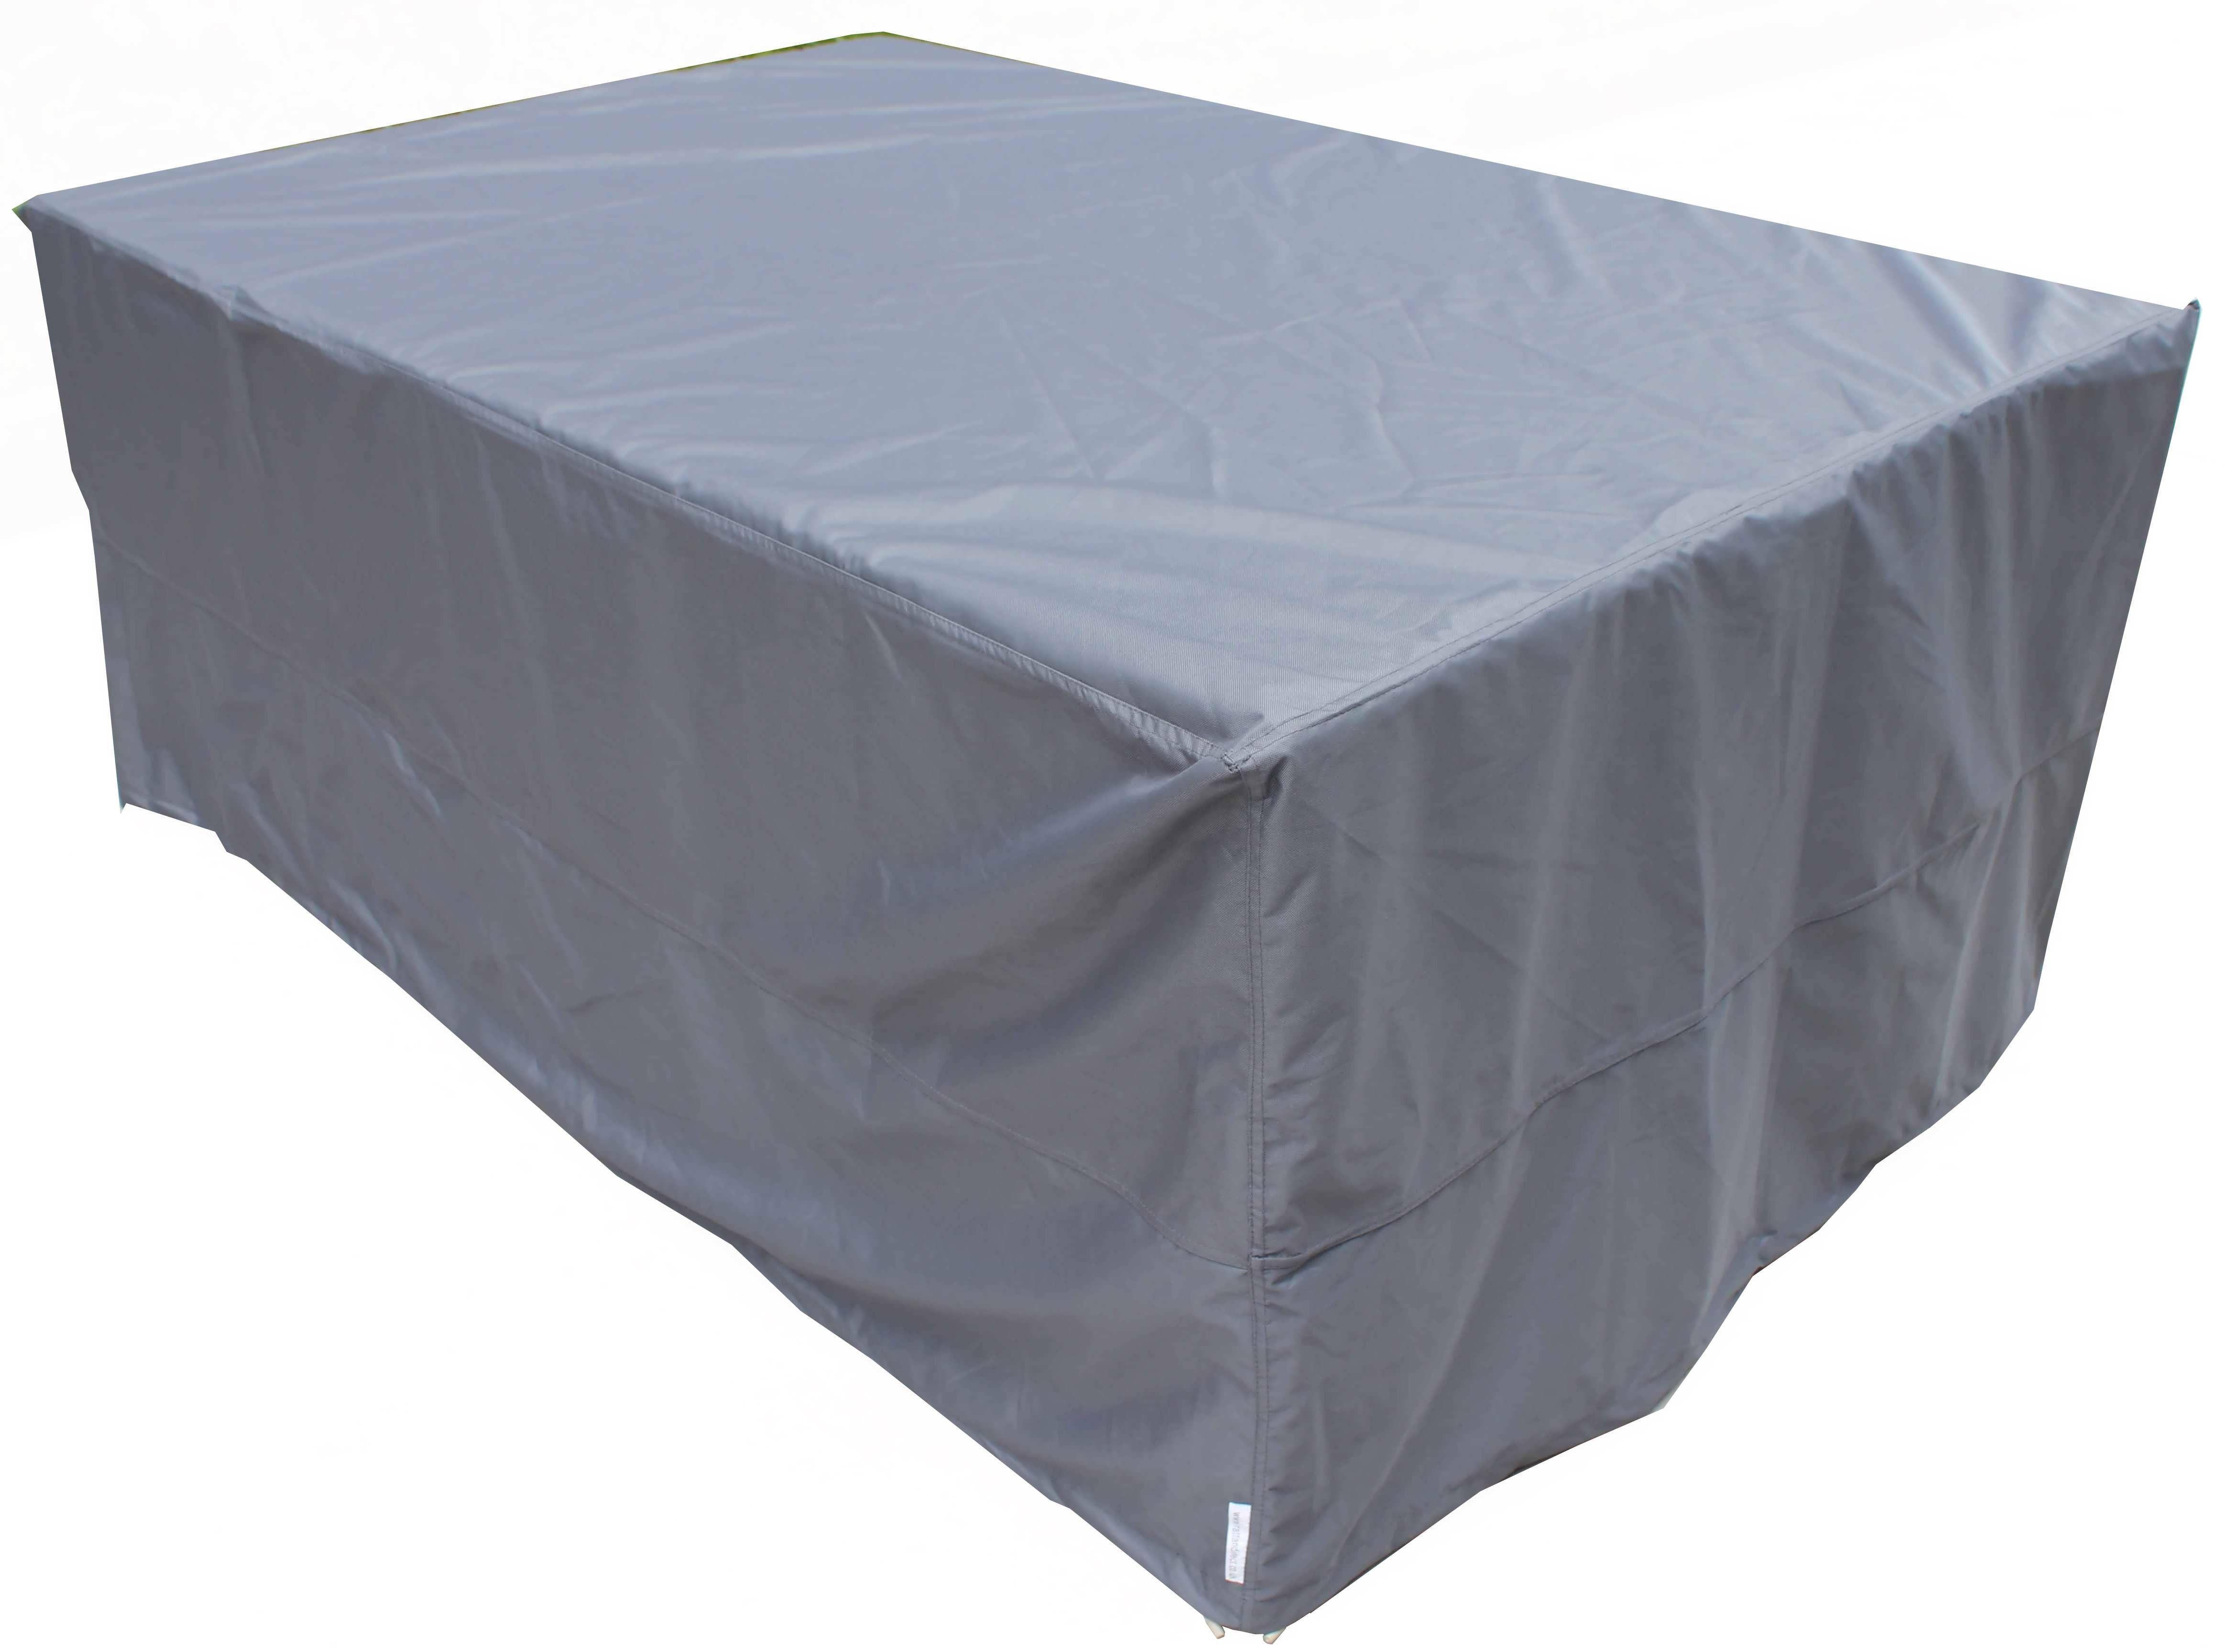 waterproof chair covers uk